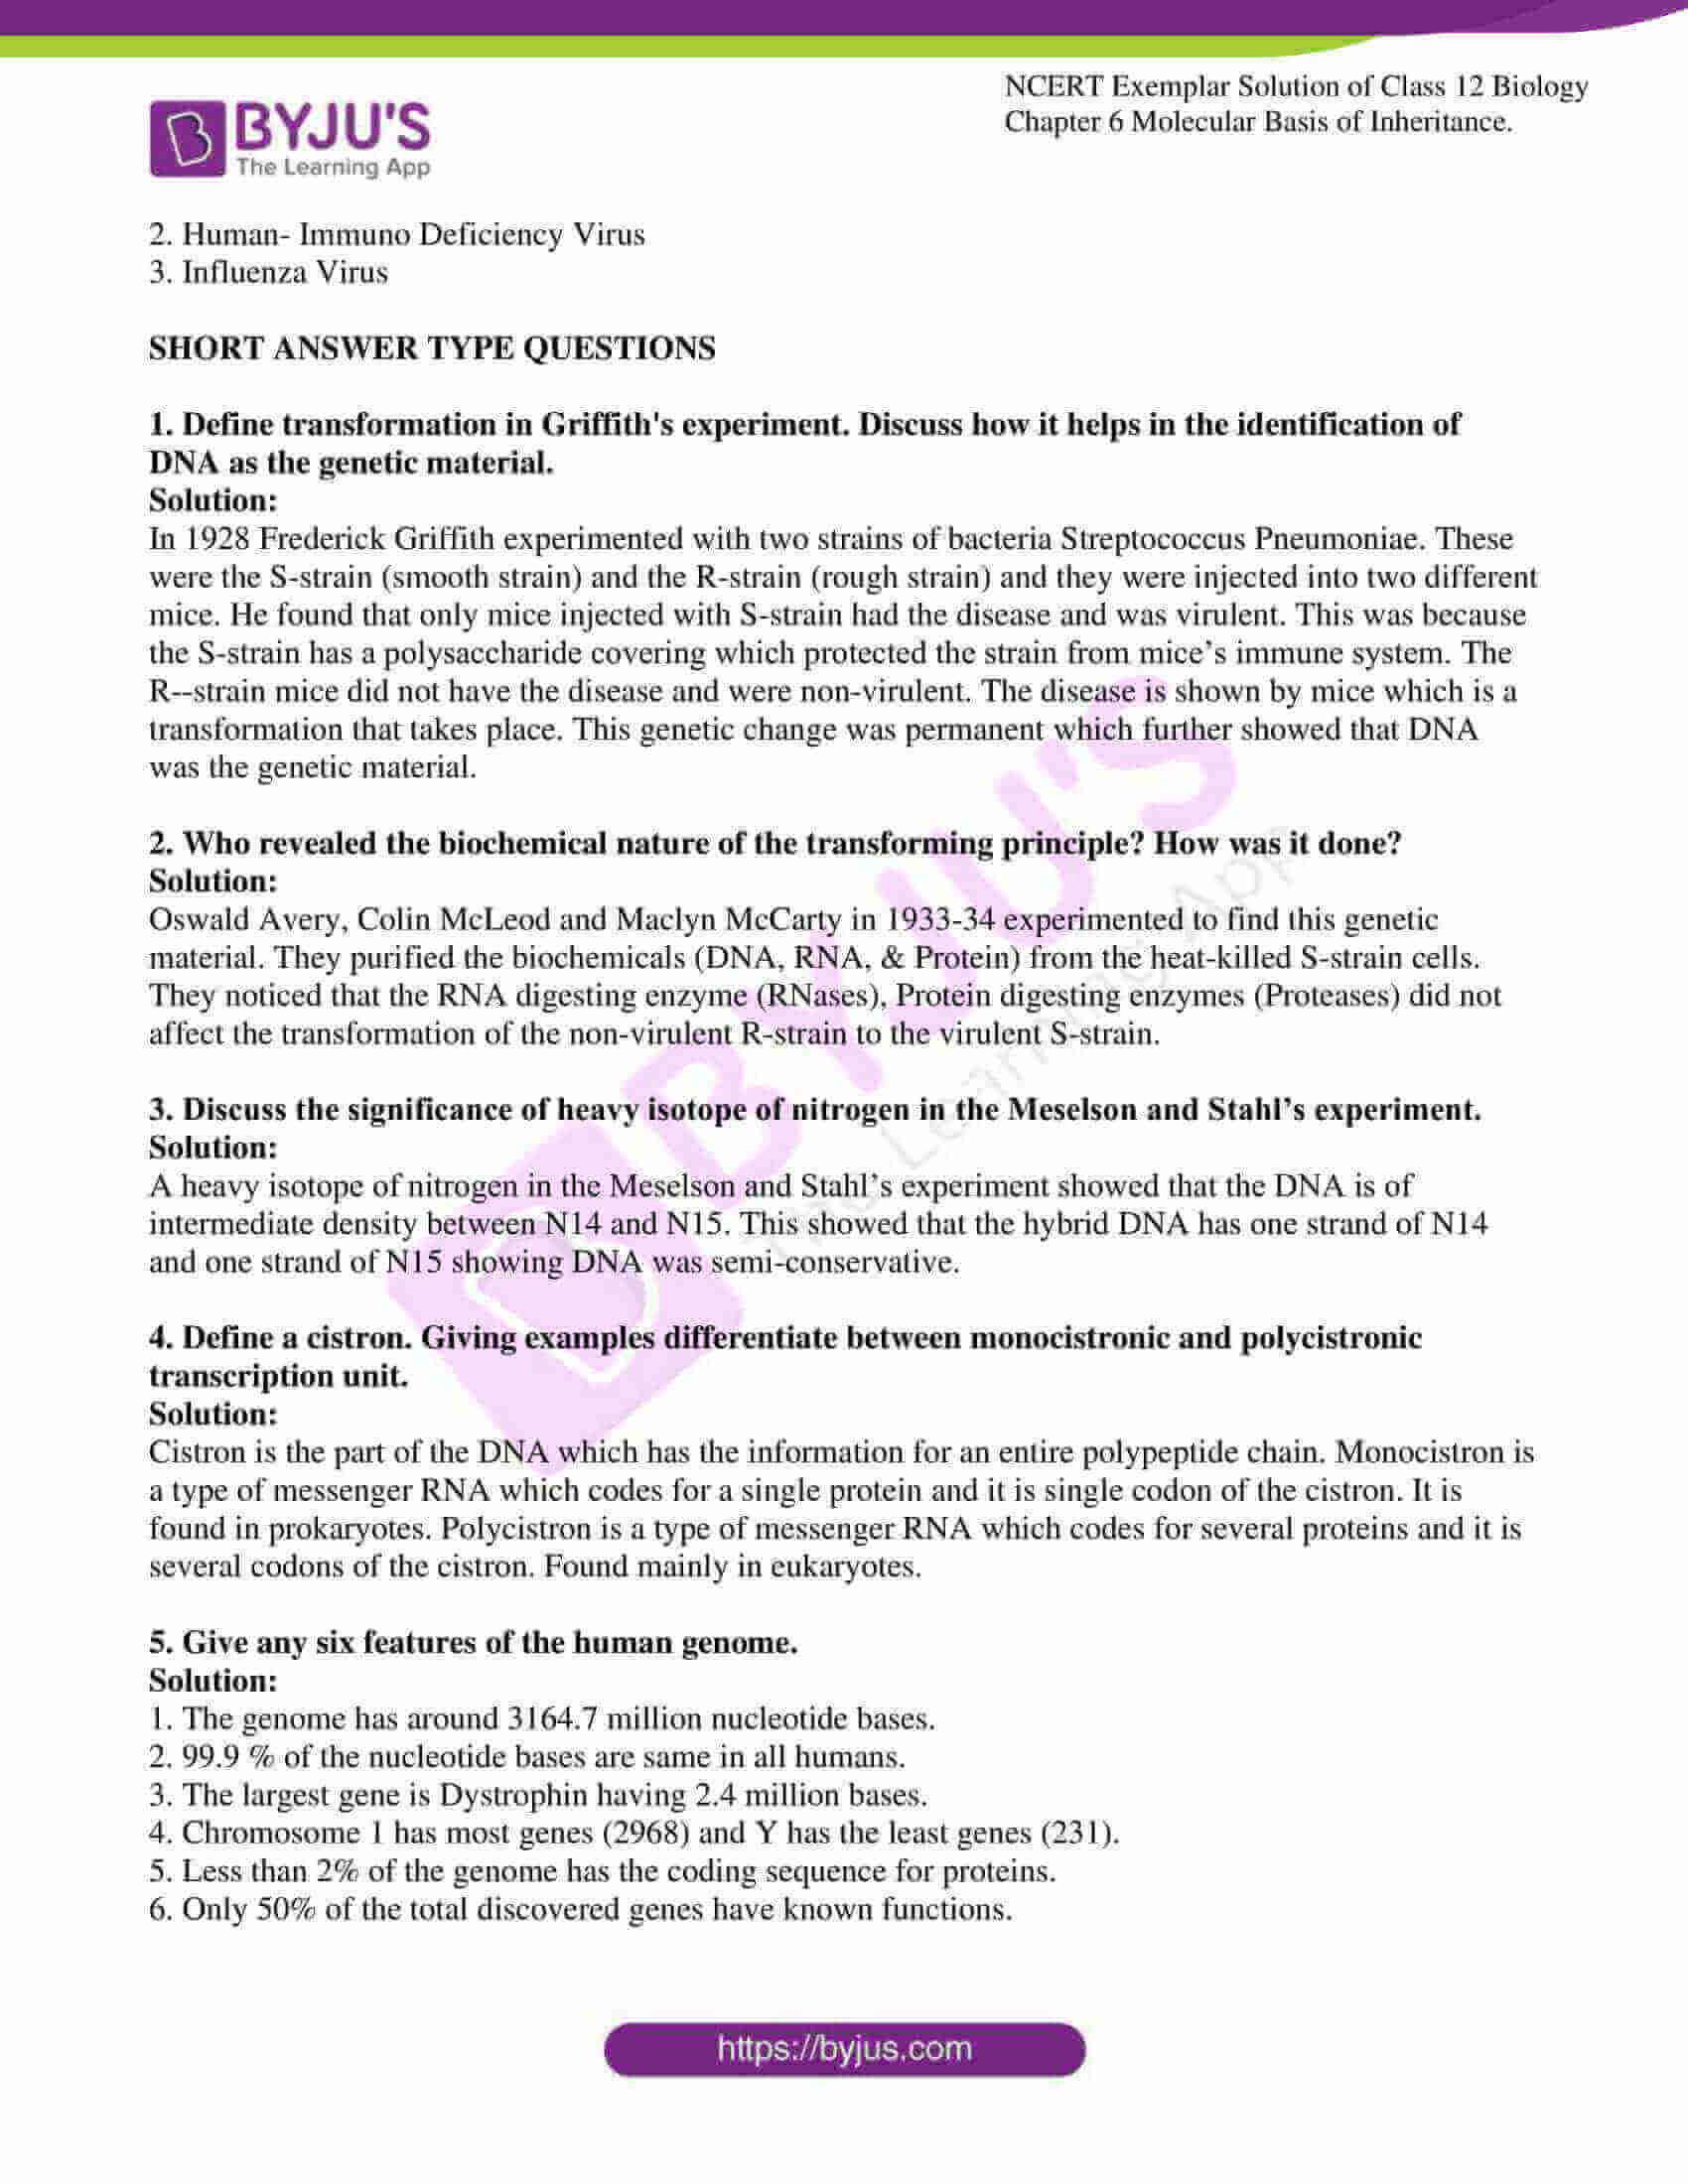 ncert exemplar solution of class 12 biology chapter 6 08